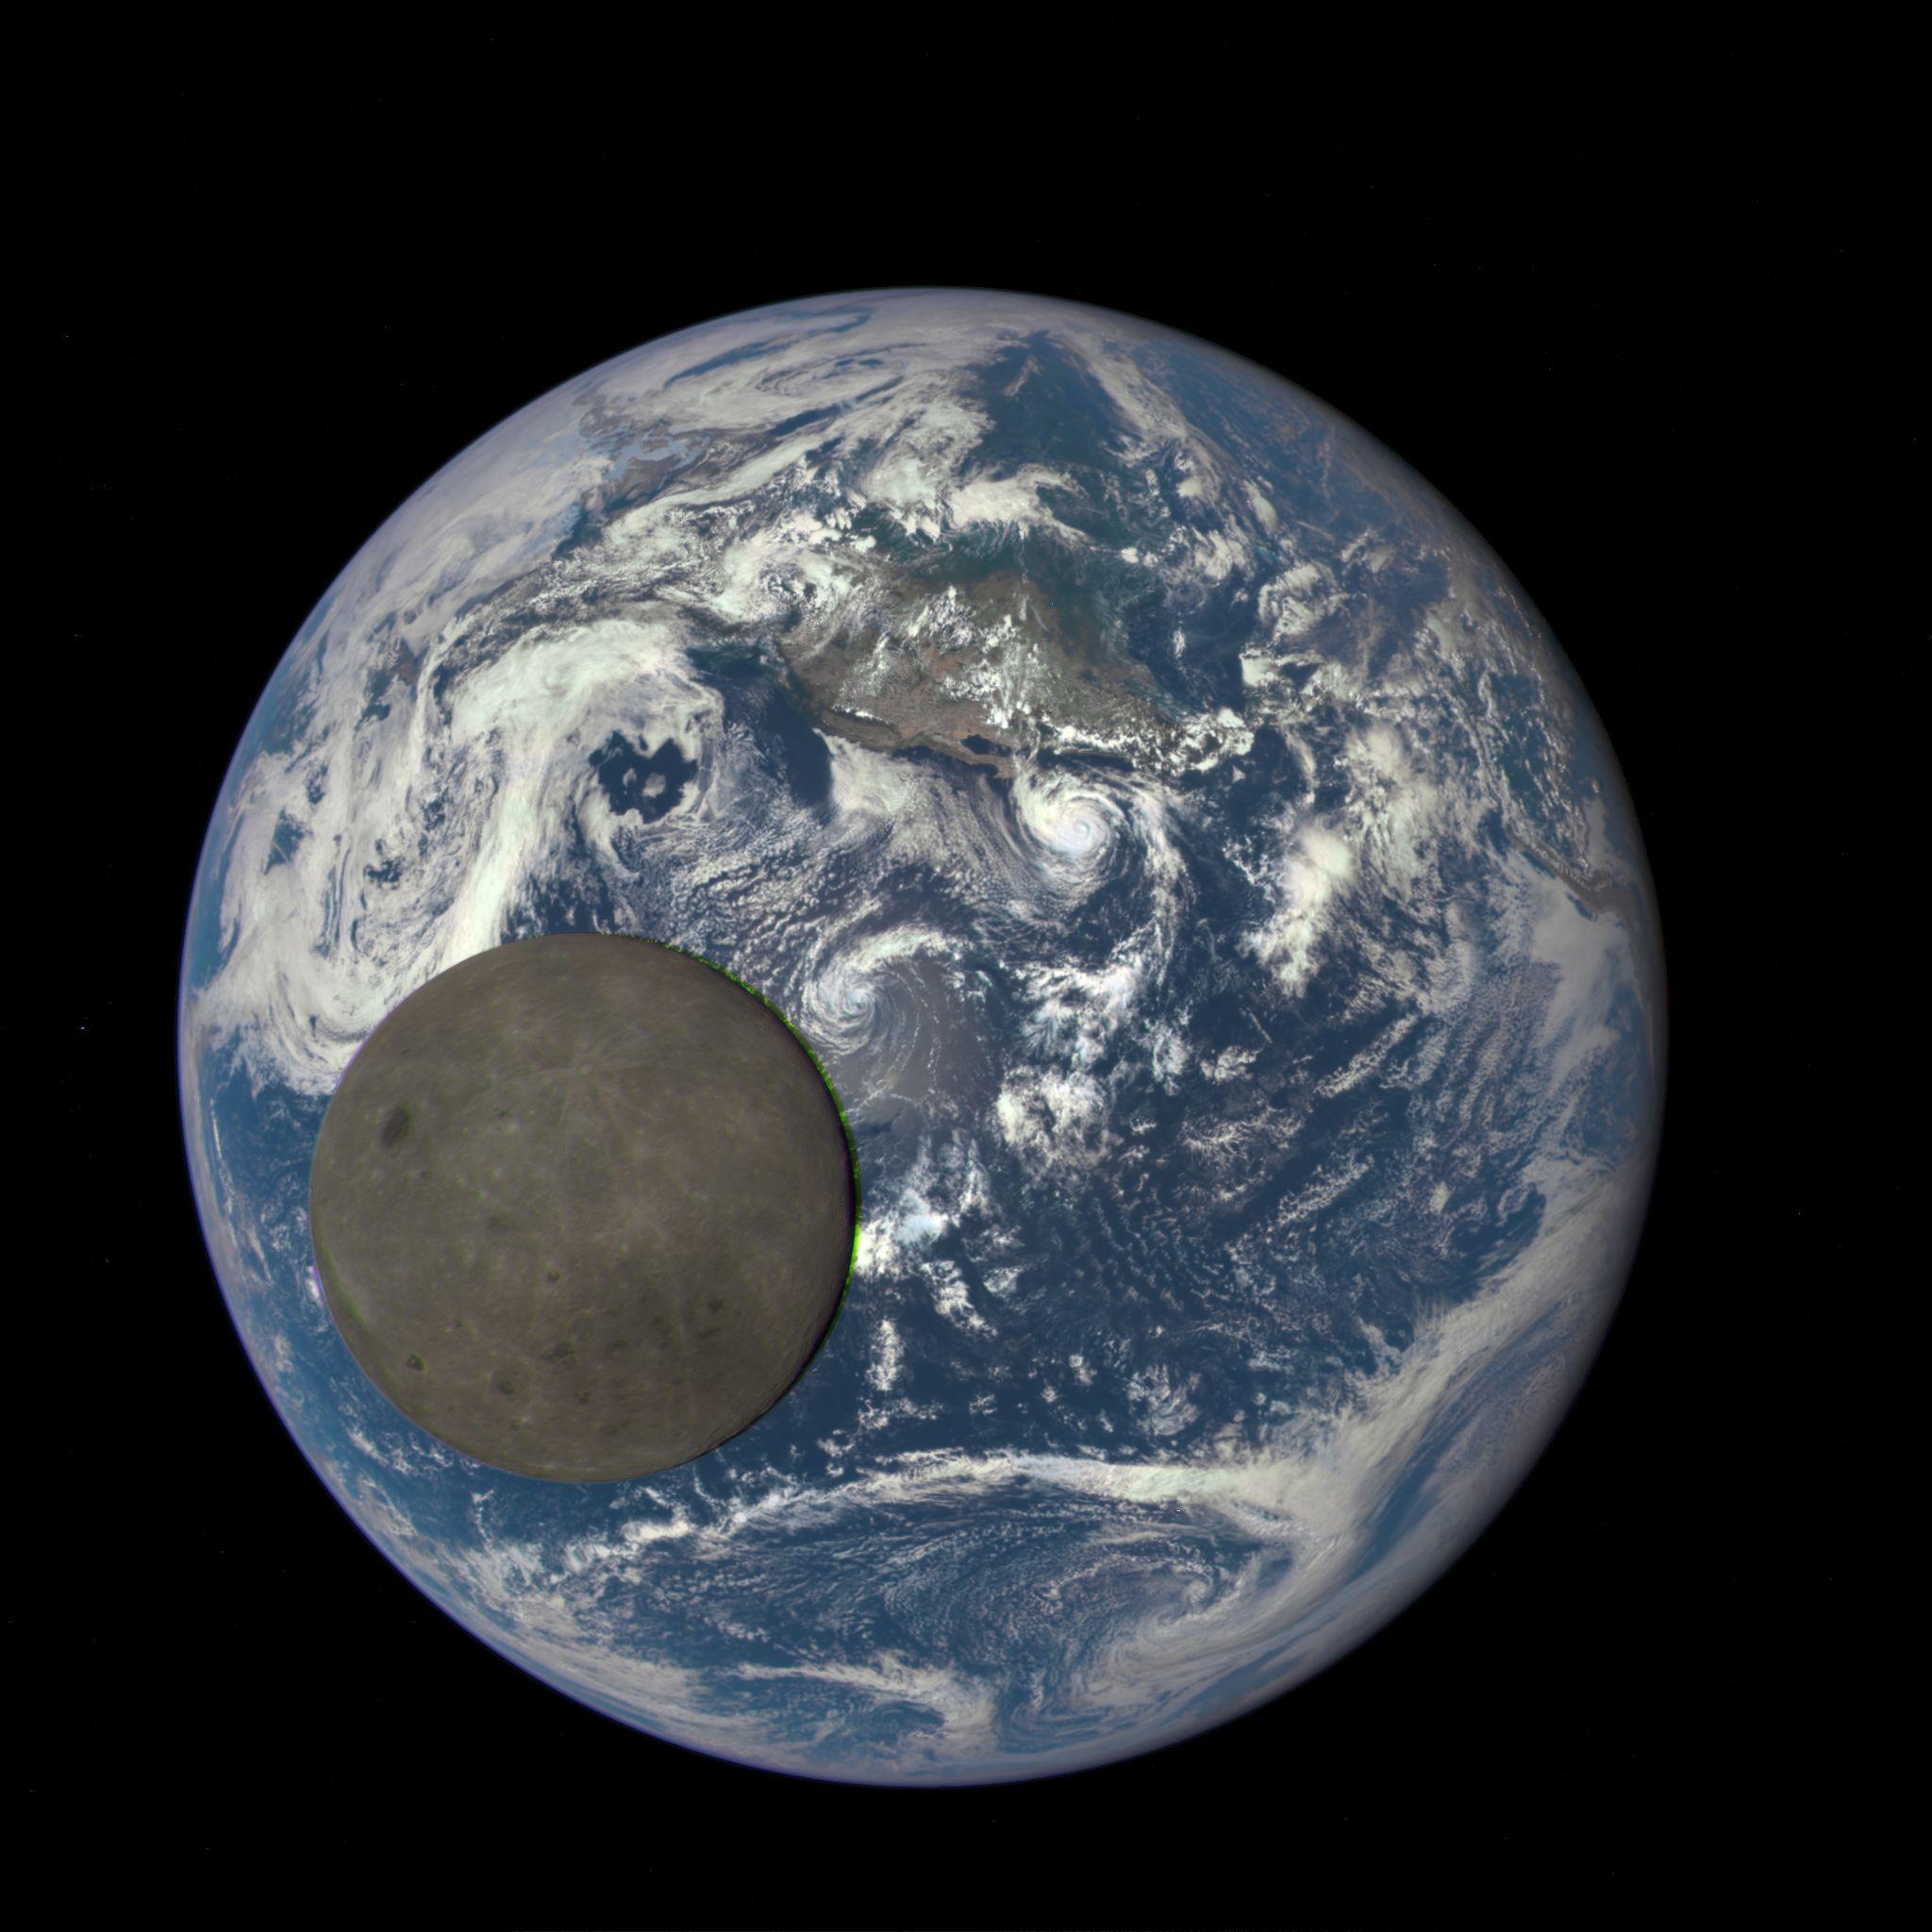 eart&moon